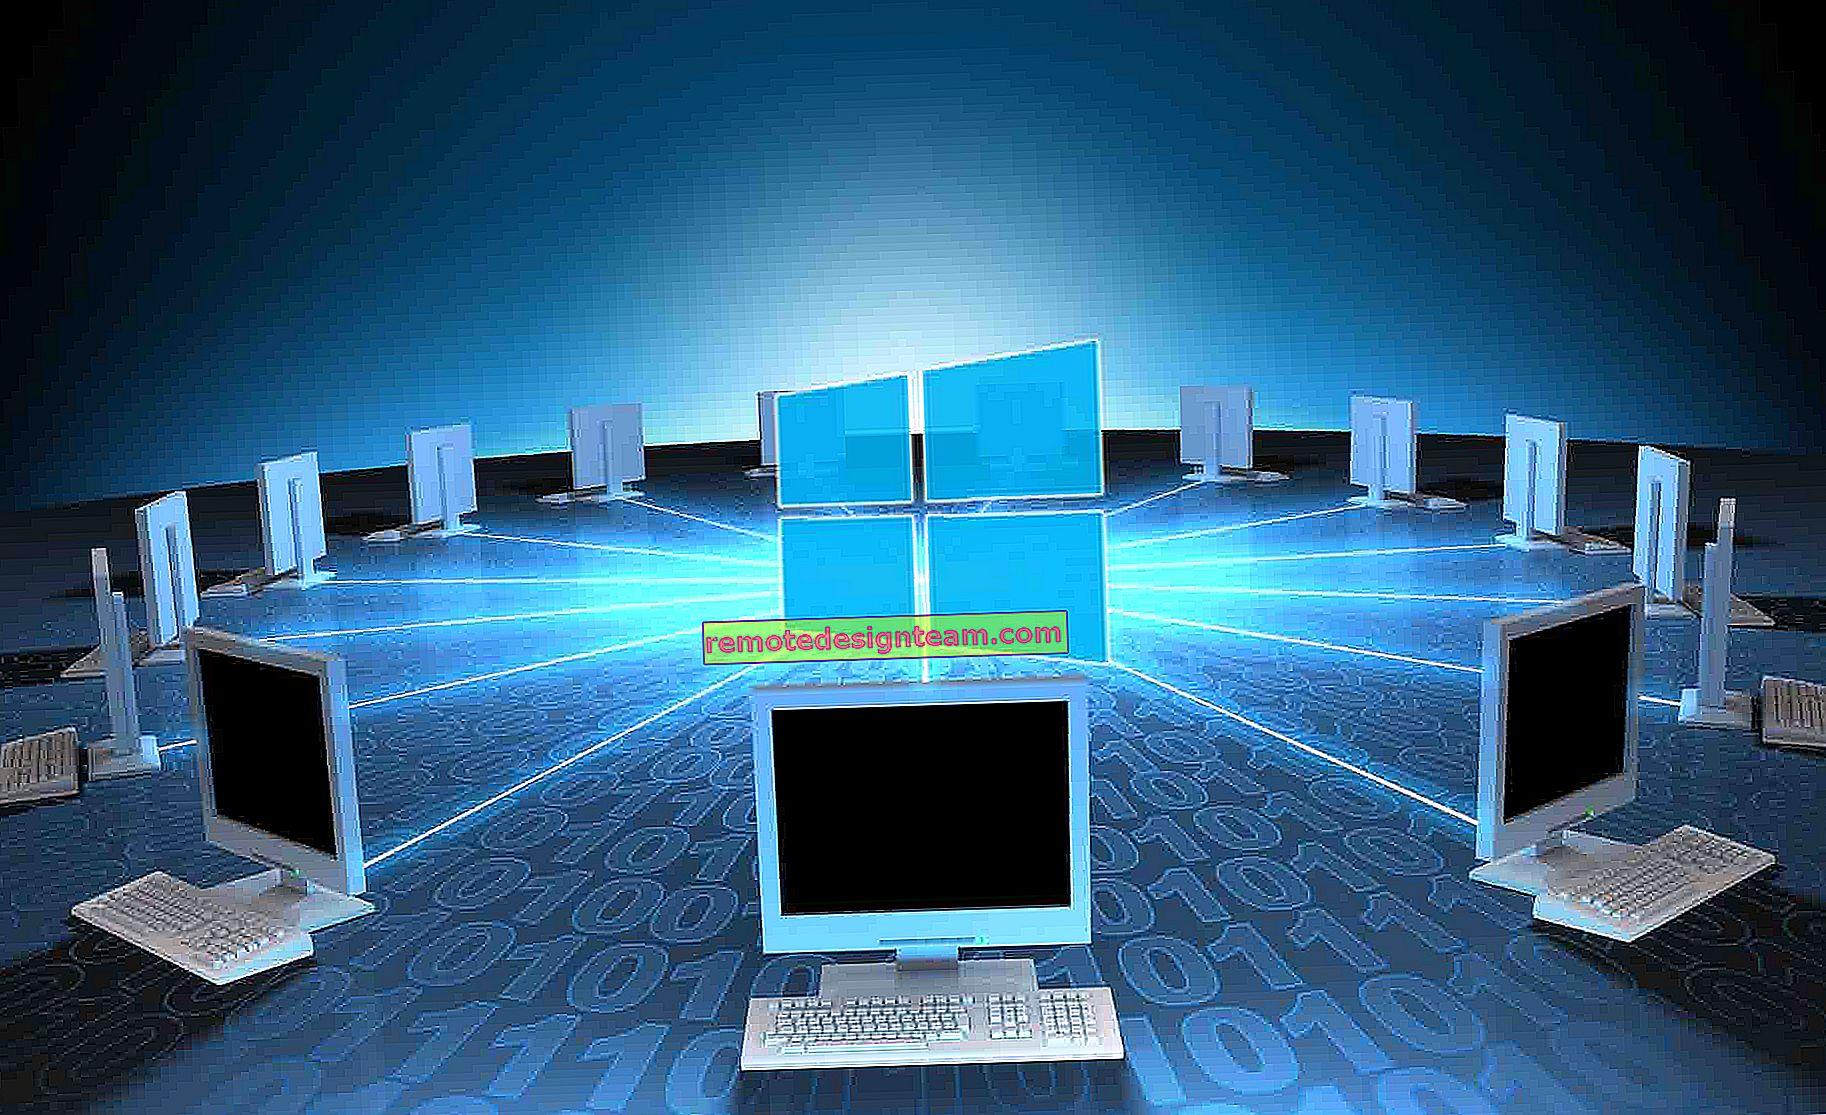 Windows 10 ve Windows 7 arasında Wi-Fi yönlendirici aracılığıyla ev ağı (ev grubu aracılığıyla)